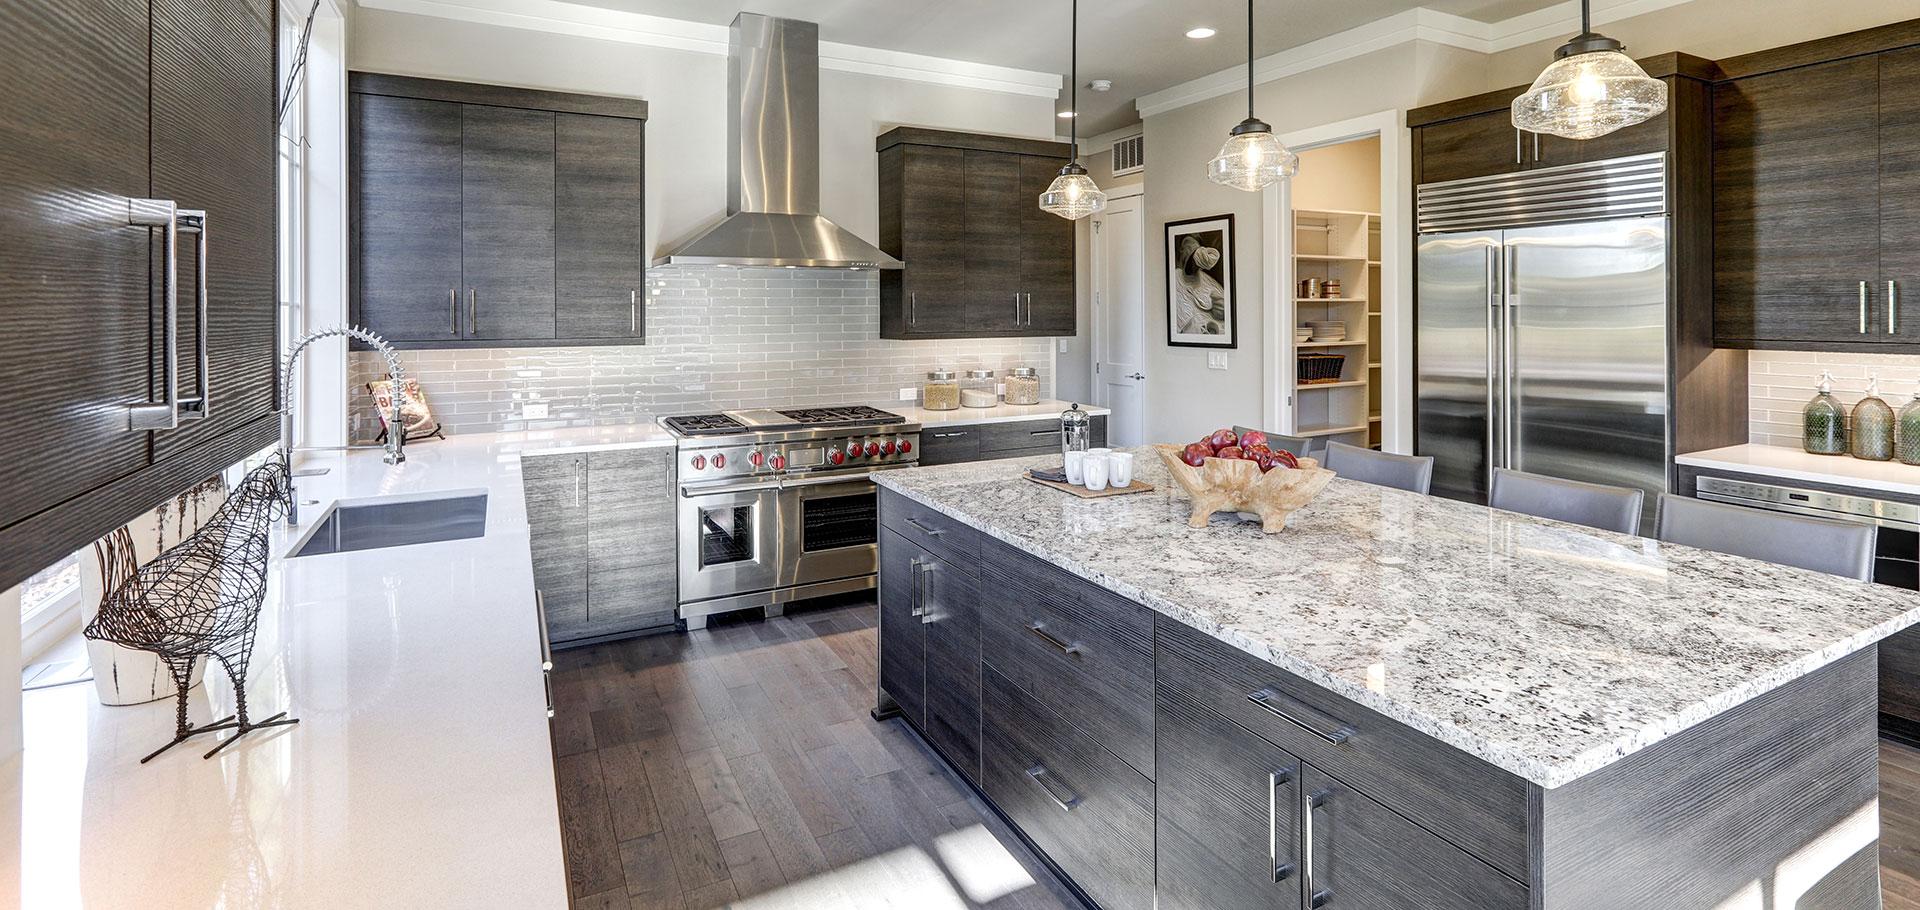 Home Loft Plus Cabinetry